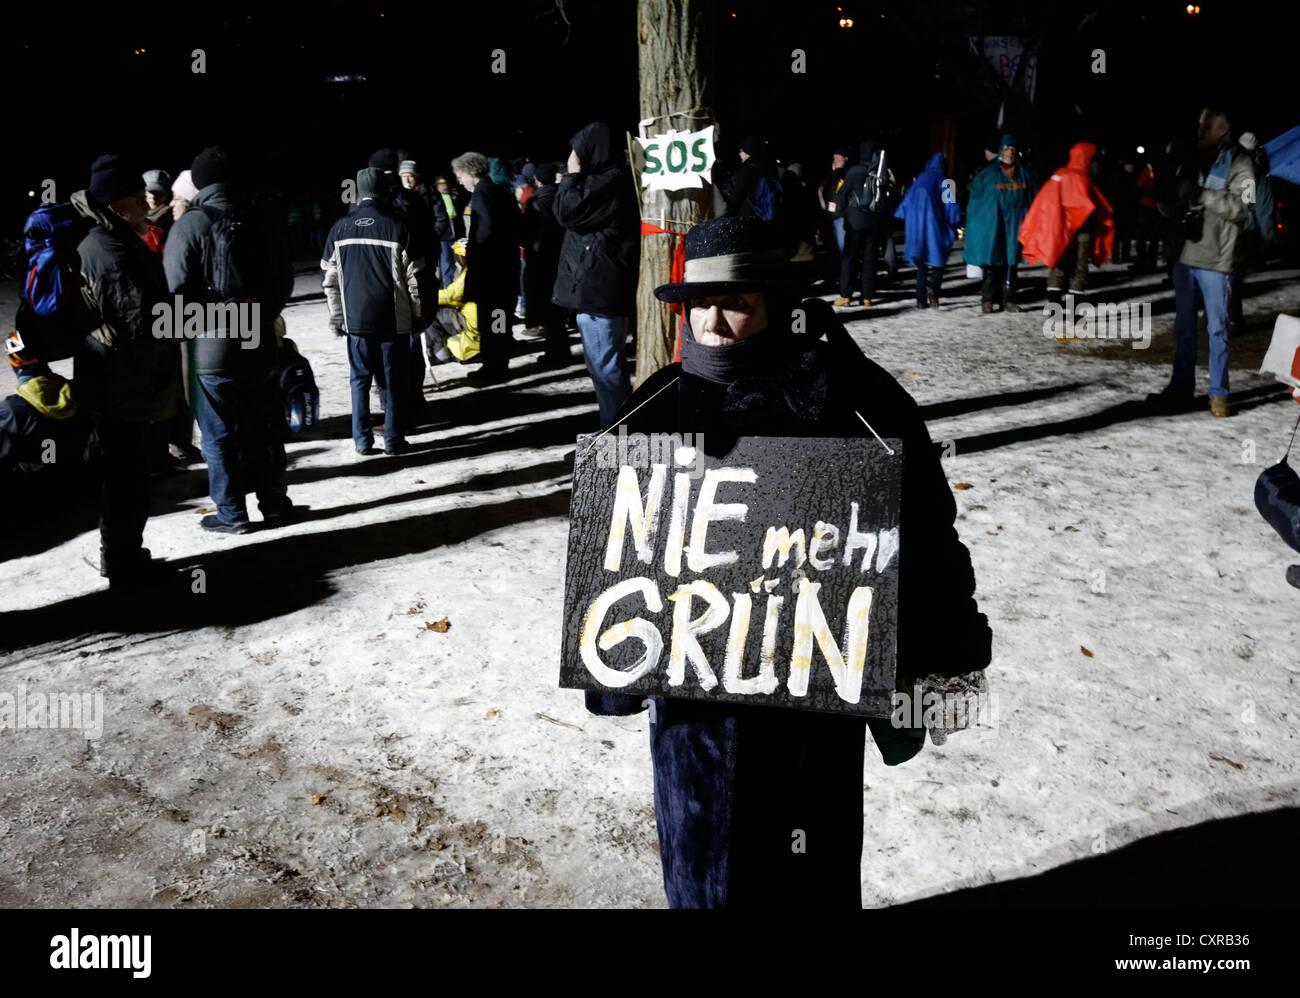 Demonstrator against Stuttgart 21 holding a sign, Nie mehr Gruen, German for Greens never again, in - Stock Image